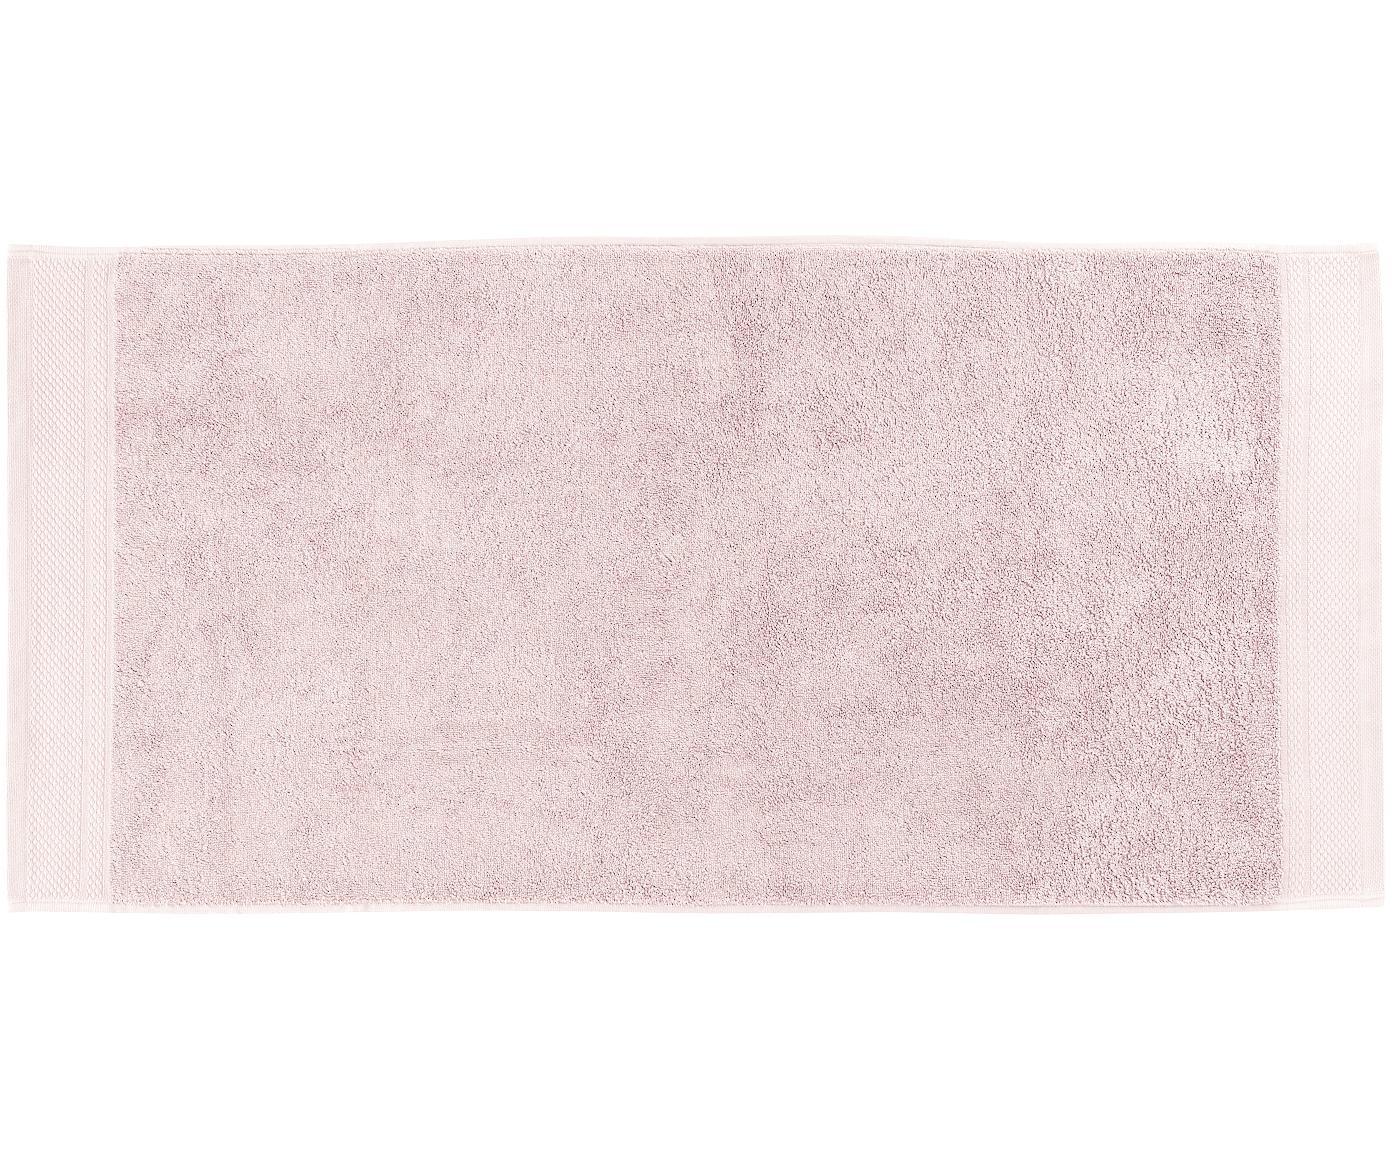 Handtuch Premium in verschiedenen Größen, mit klassischer Zierbordüre, Altrosa, Handtuch